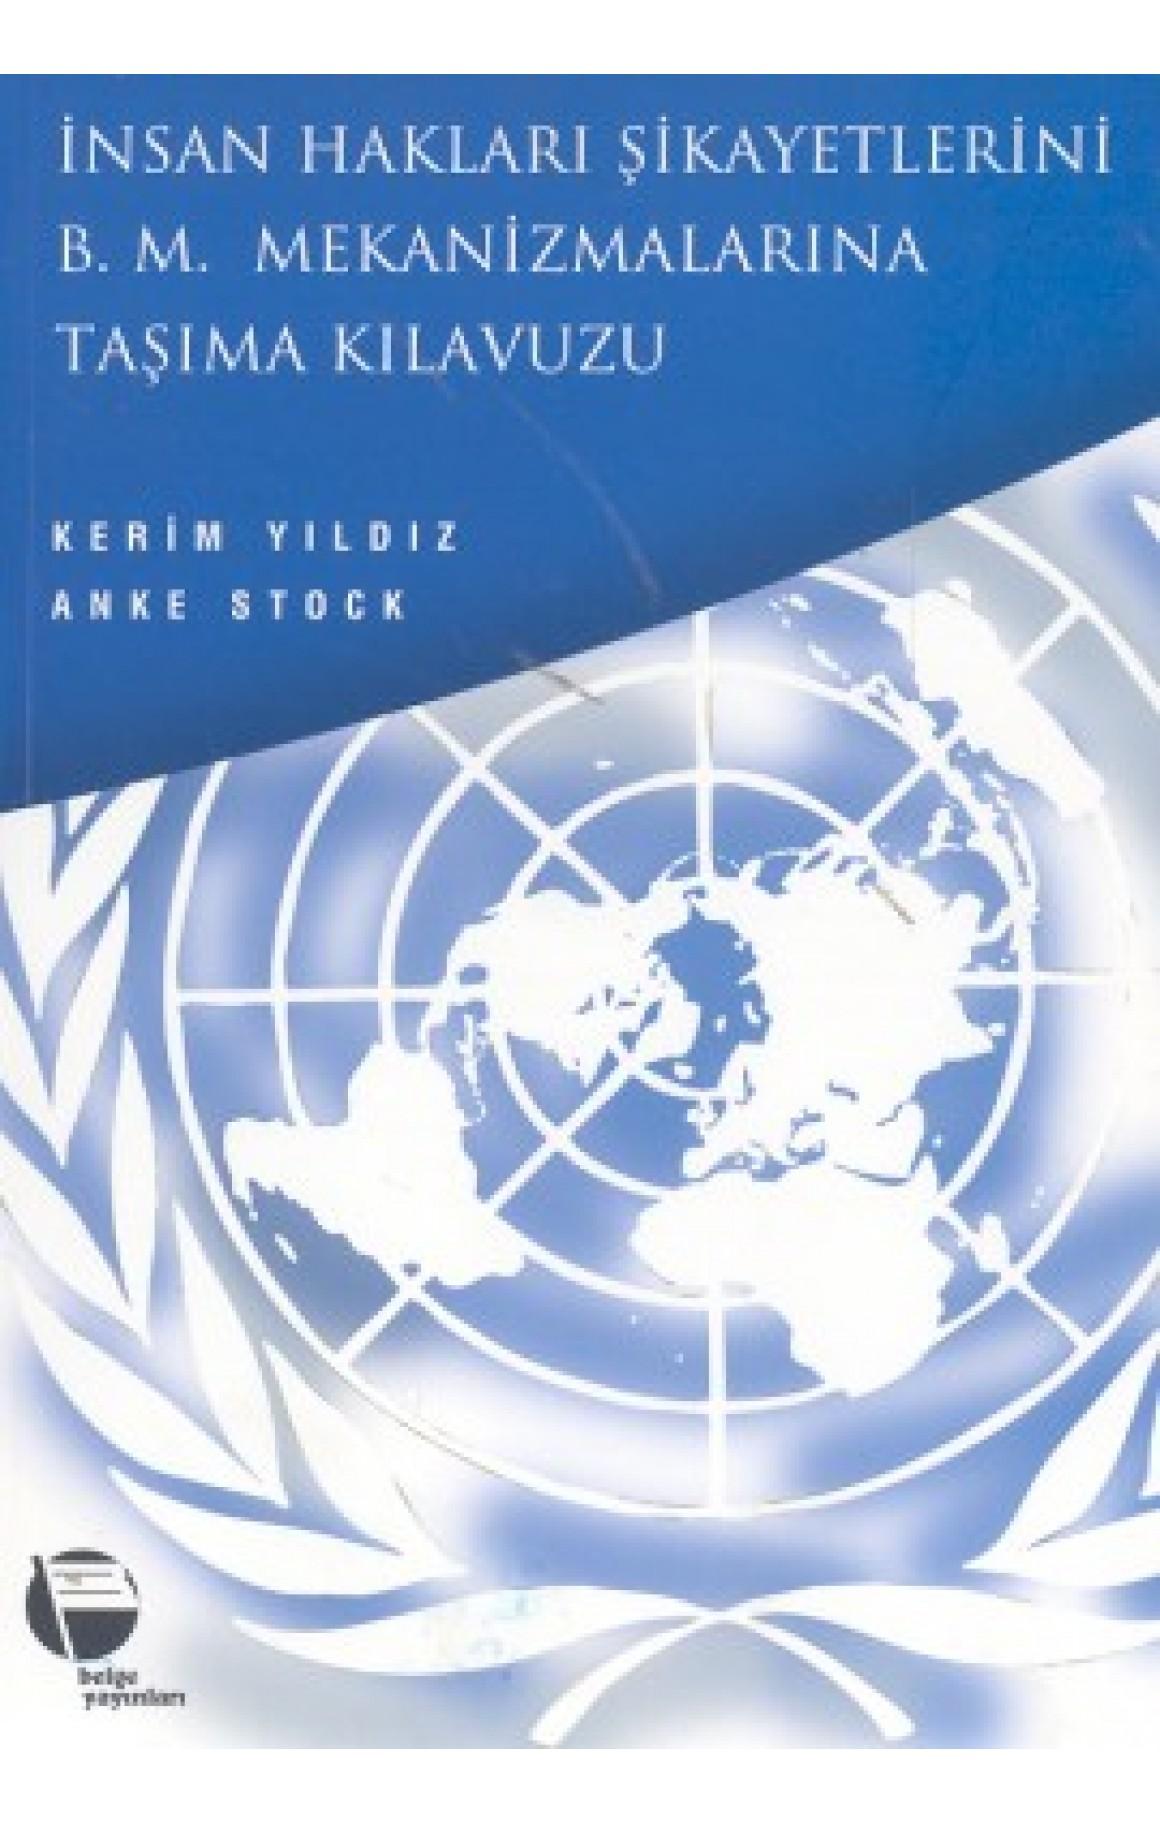 İnsan Hakları Şikayetlerini B .M. Mekanizmalarına Taşıma Kılavuzu Kürt İnsan Hakları Projesi